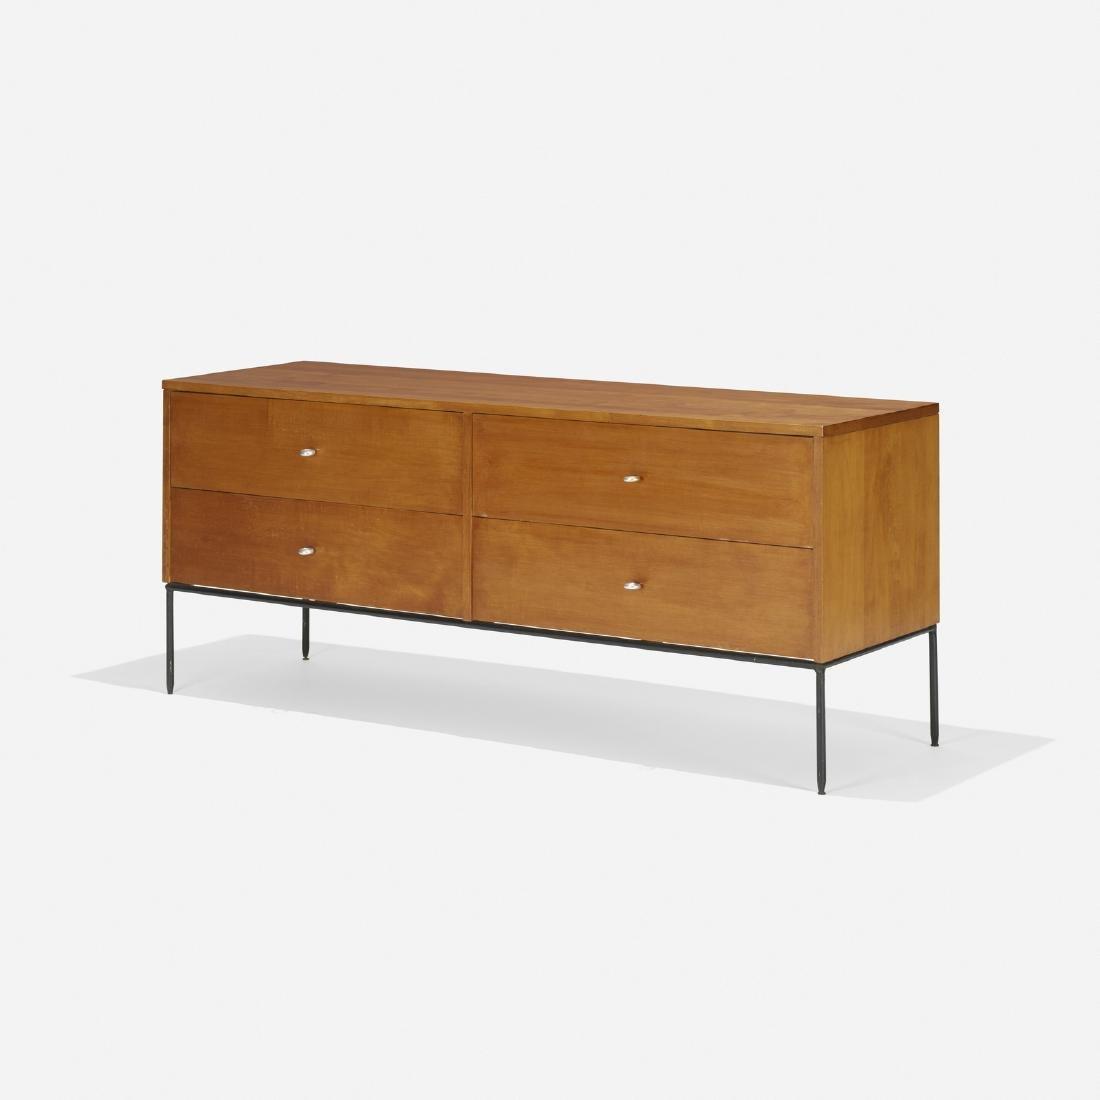 Paul McCobb, Planner Group cabinet, model 1504